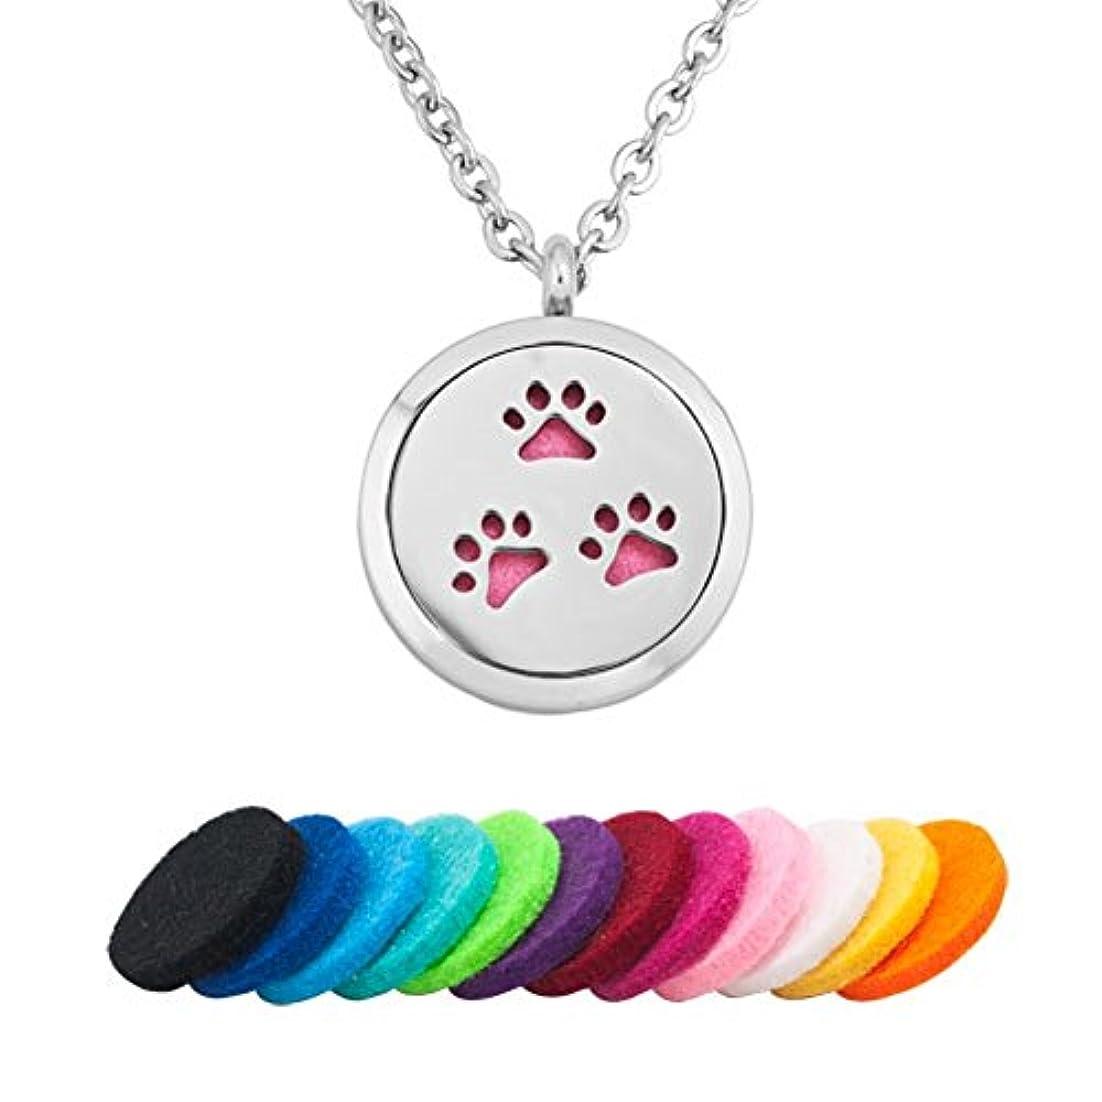 死にかけている慰めアラビア語q &ロケットLove犬PawprintステンレススチールプレミアムAromatherapy Essential Oil Diffuserロケットネックレス